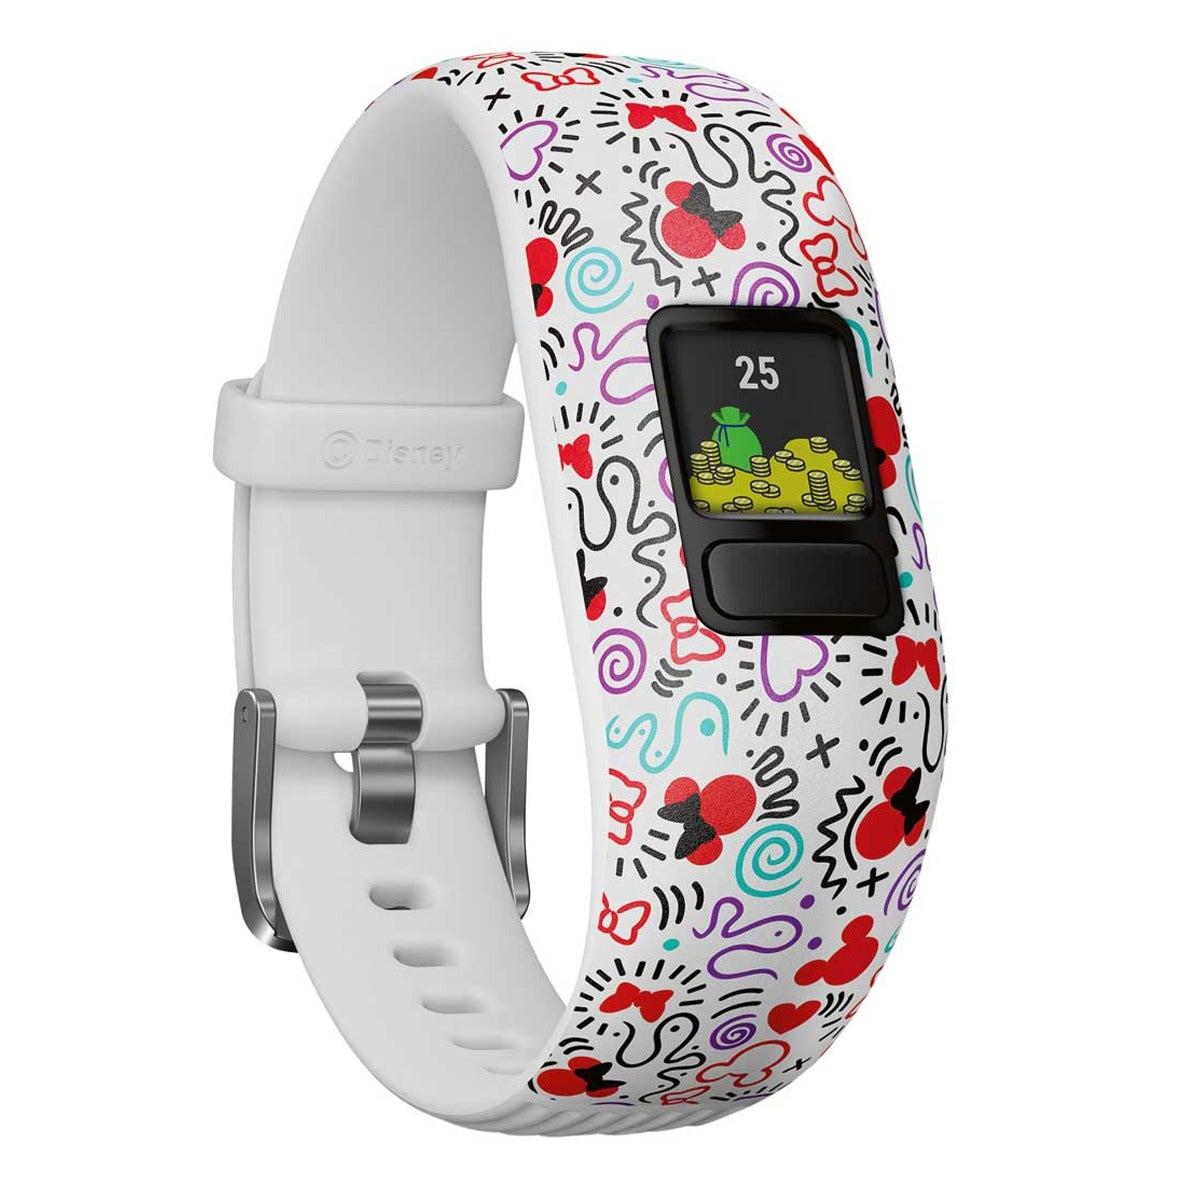 Garmin Vivofit Jr 2 Fitness Activity Tracker